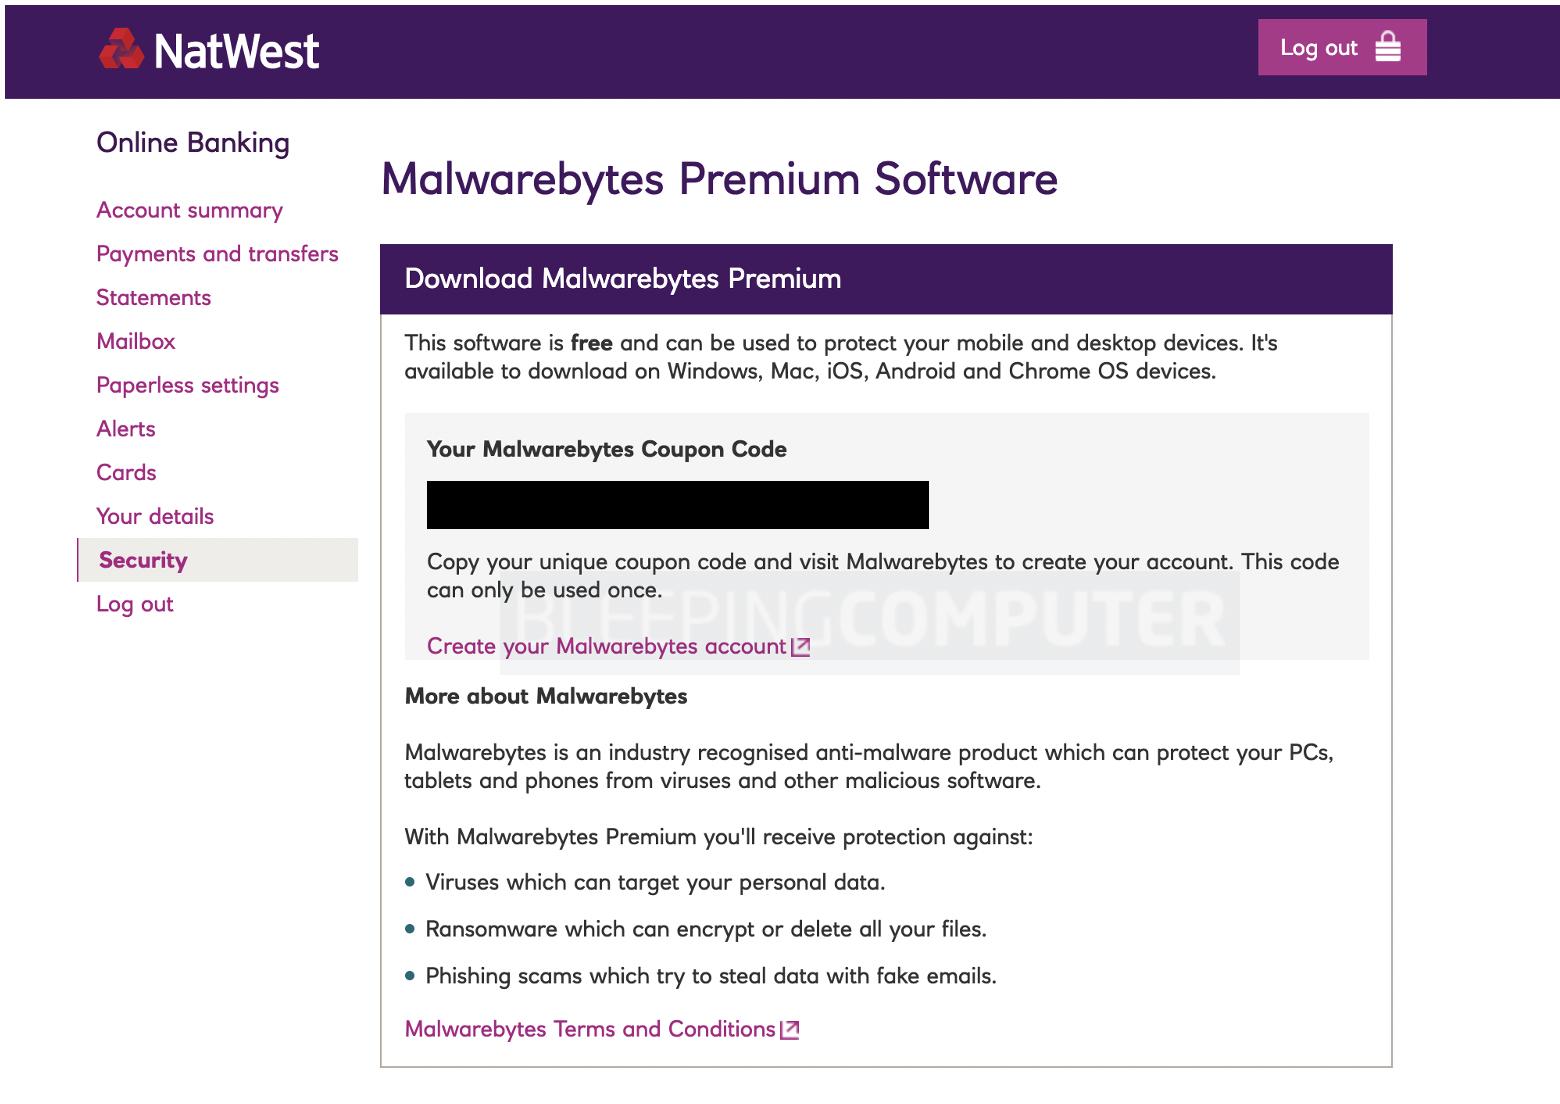 natwest malwarebytes key